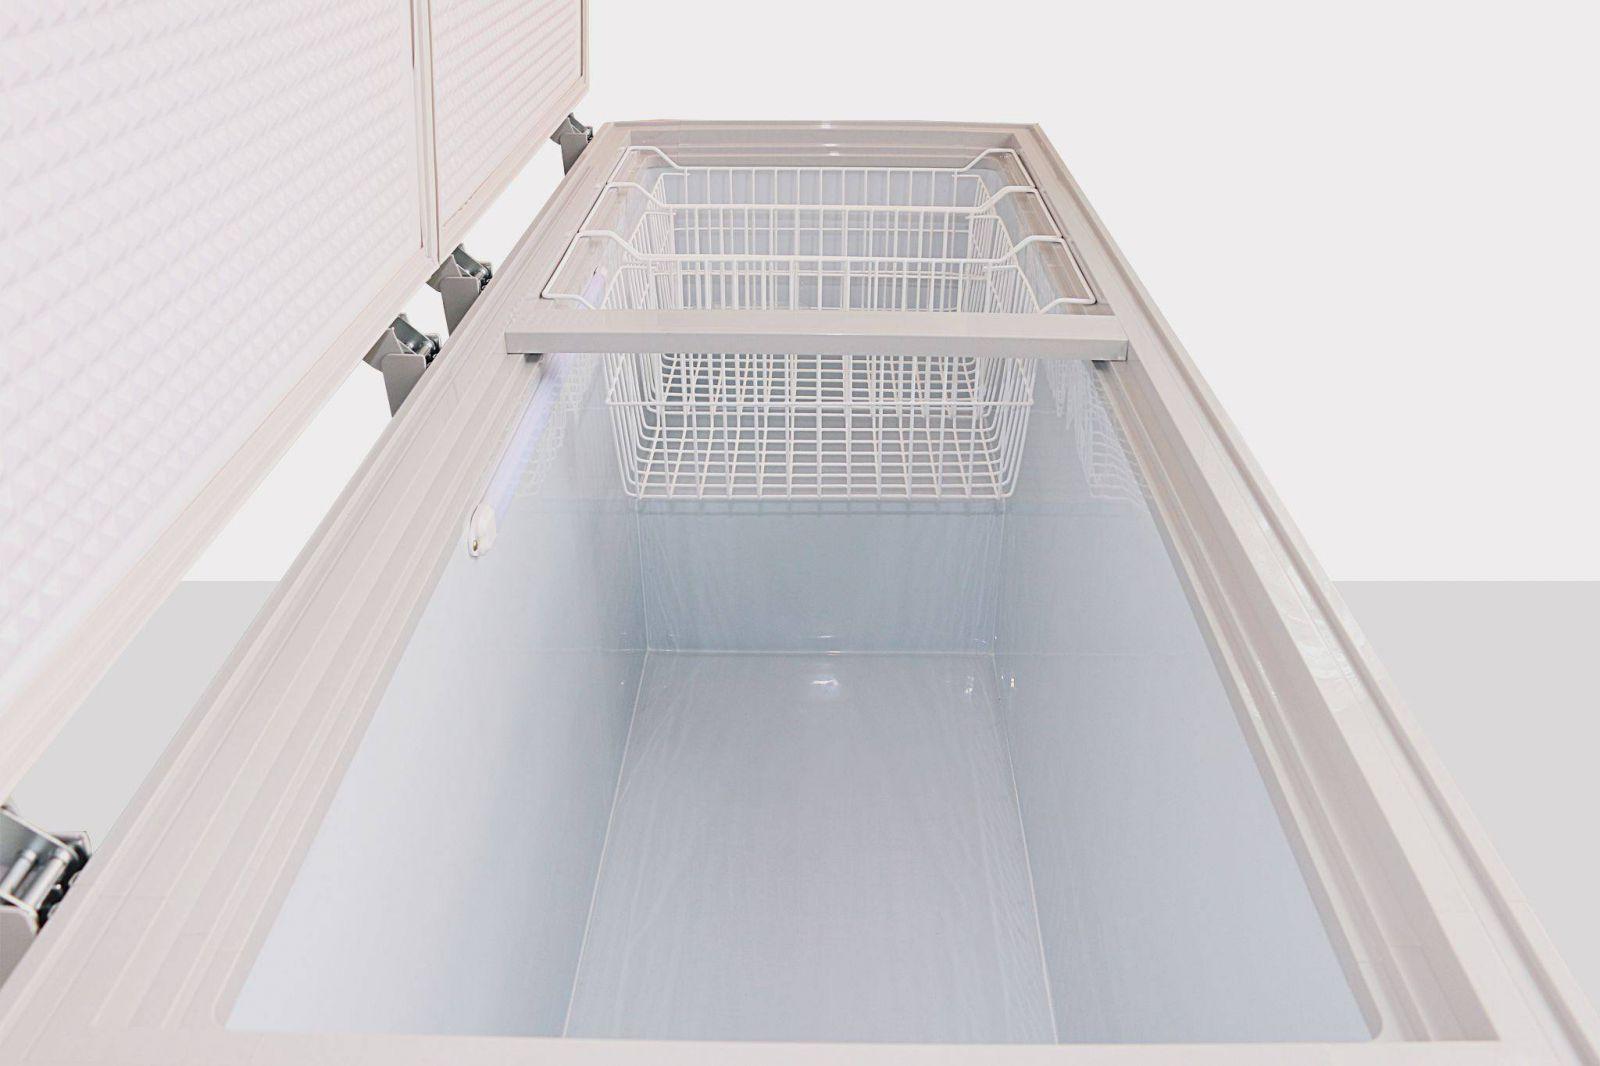 Làm sạch lỗ thoát nước ngoài của tủ đông